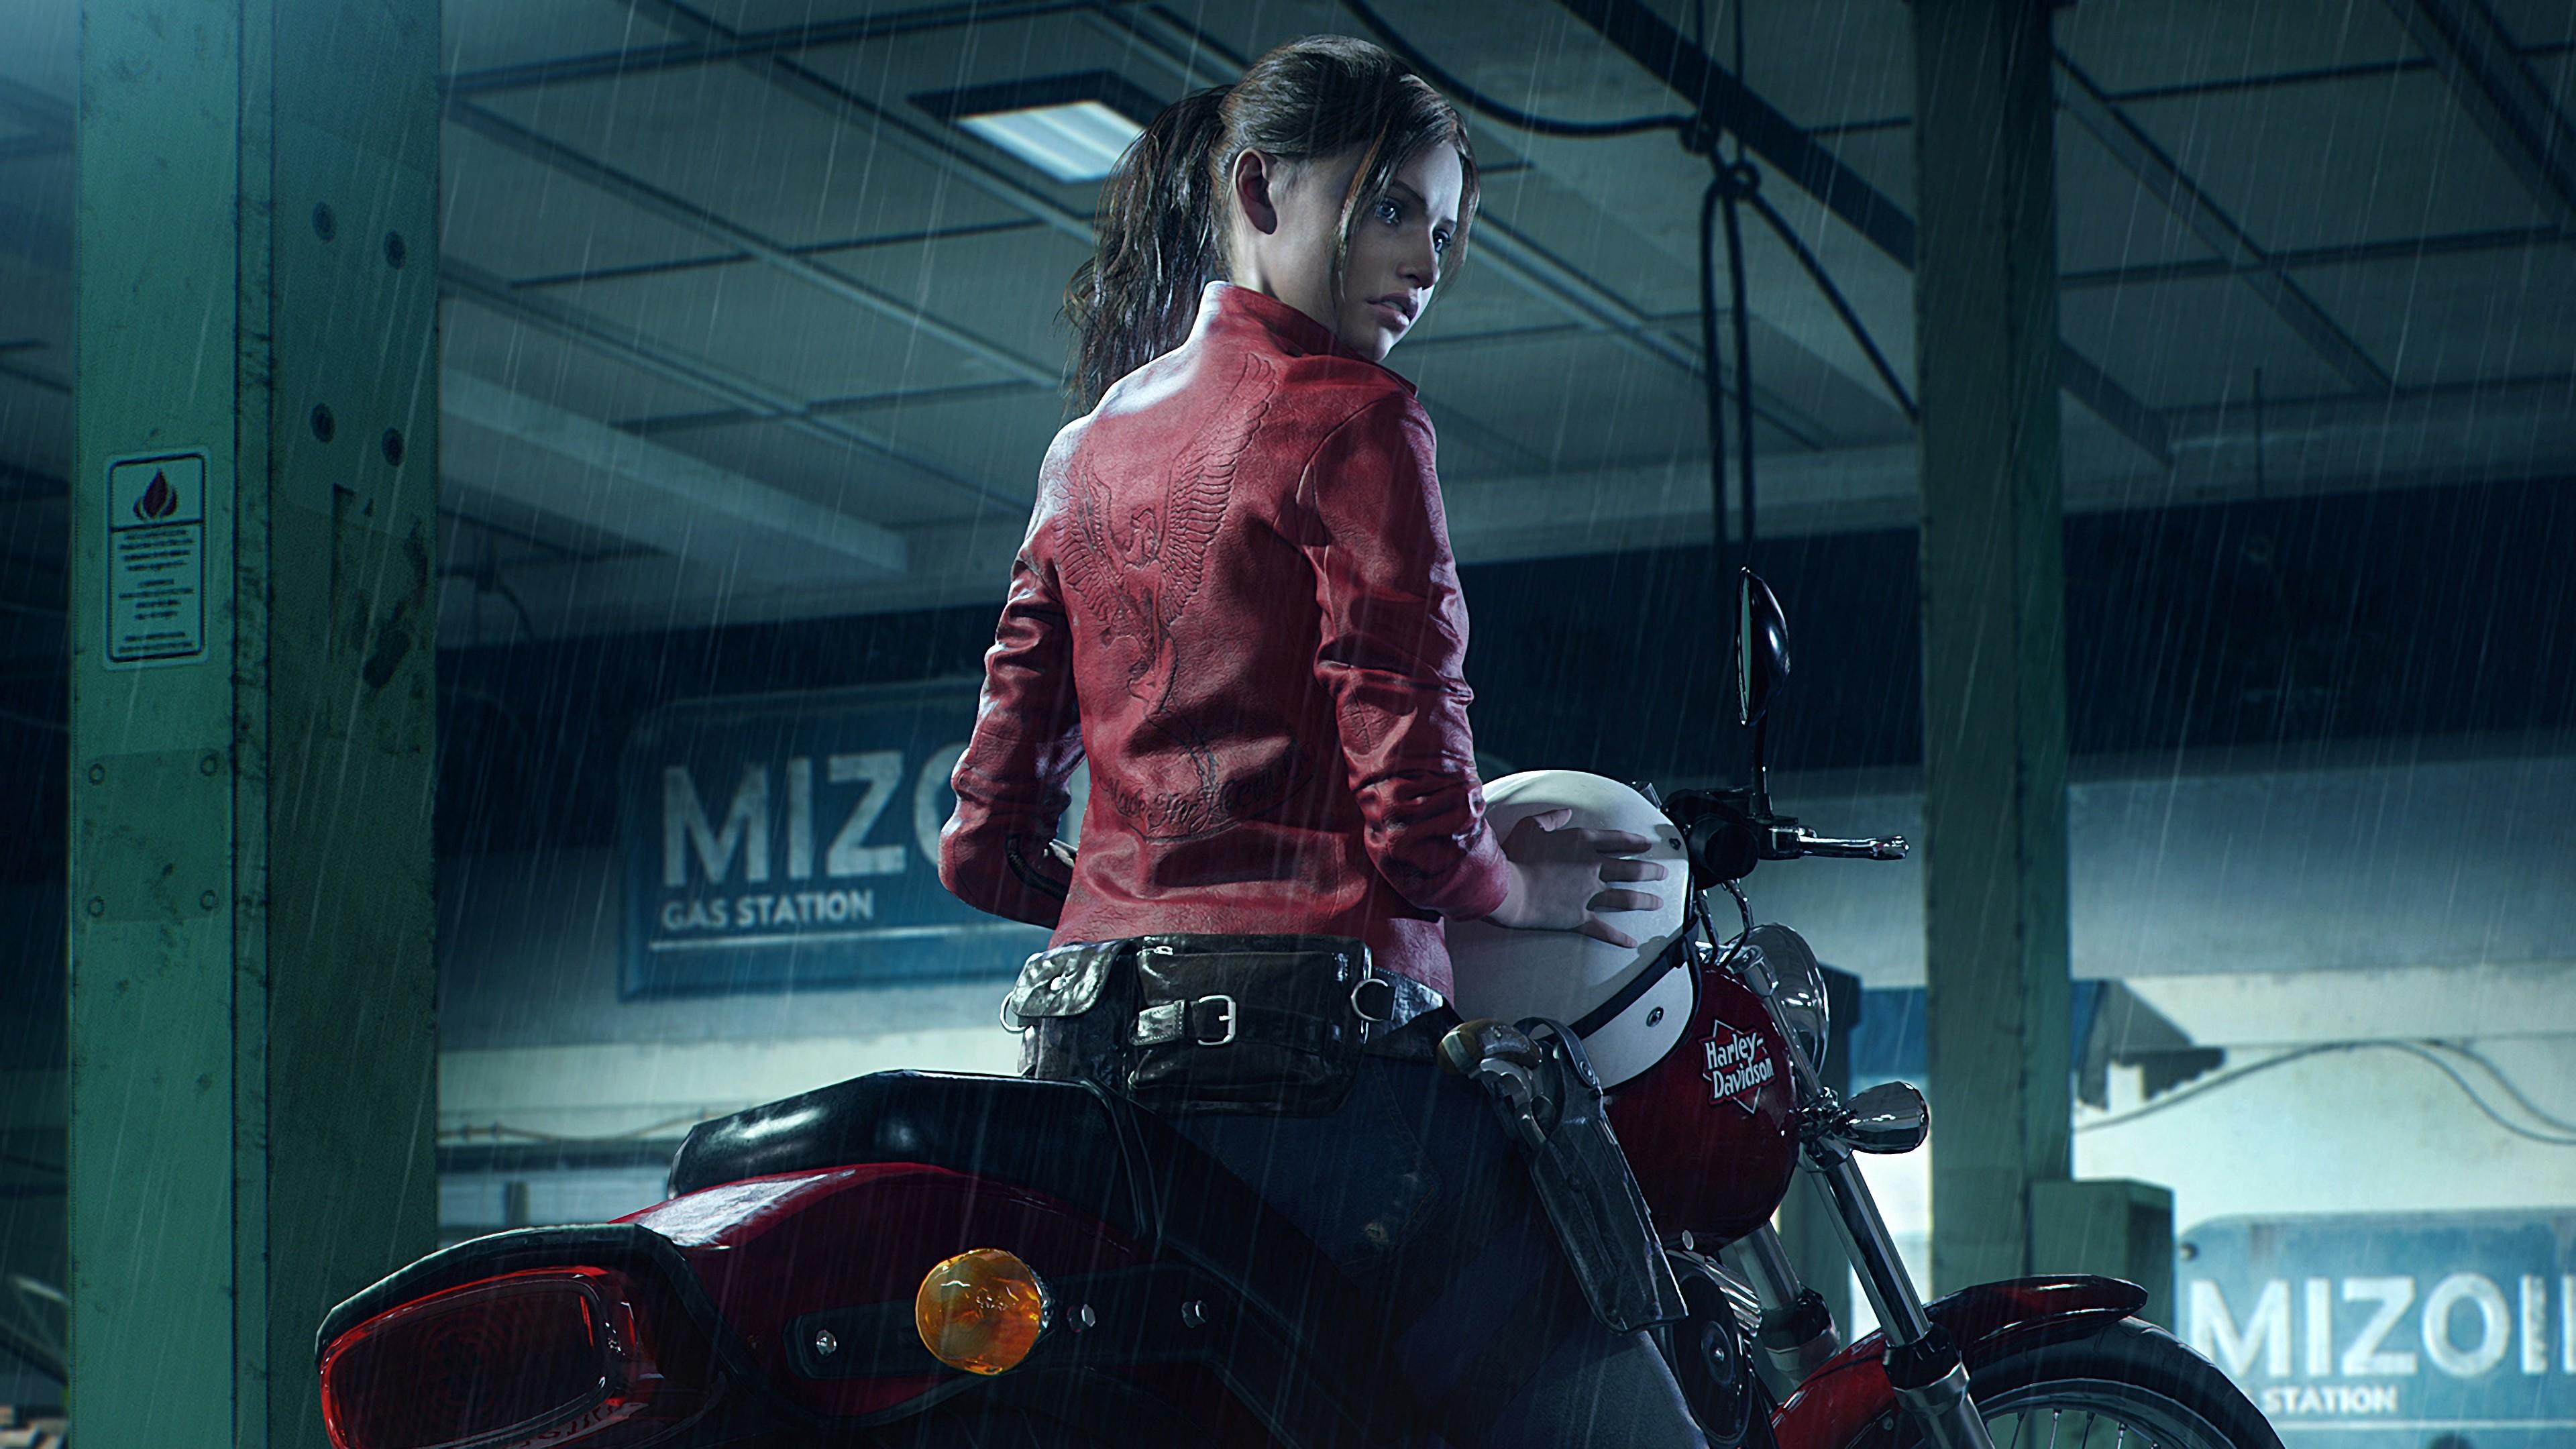 Wallpaper Resident Evil 2 E3 2018 Screenshot 4k Games 19243